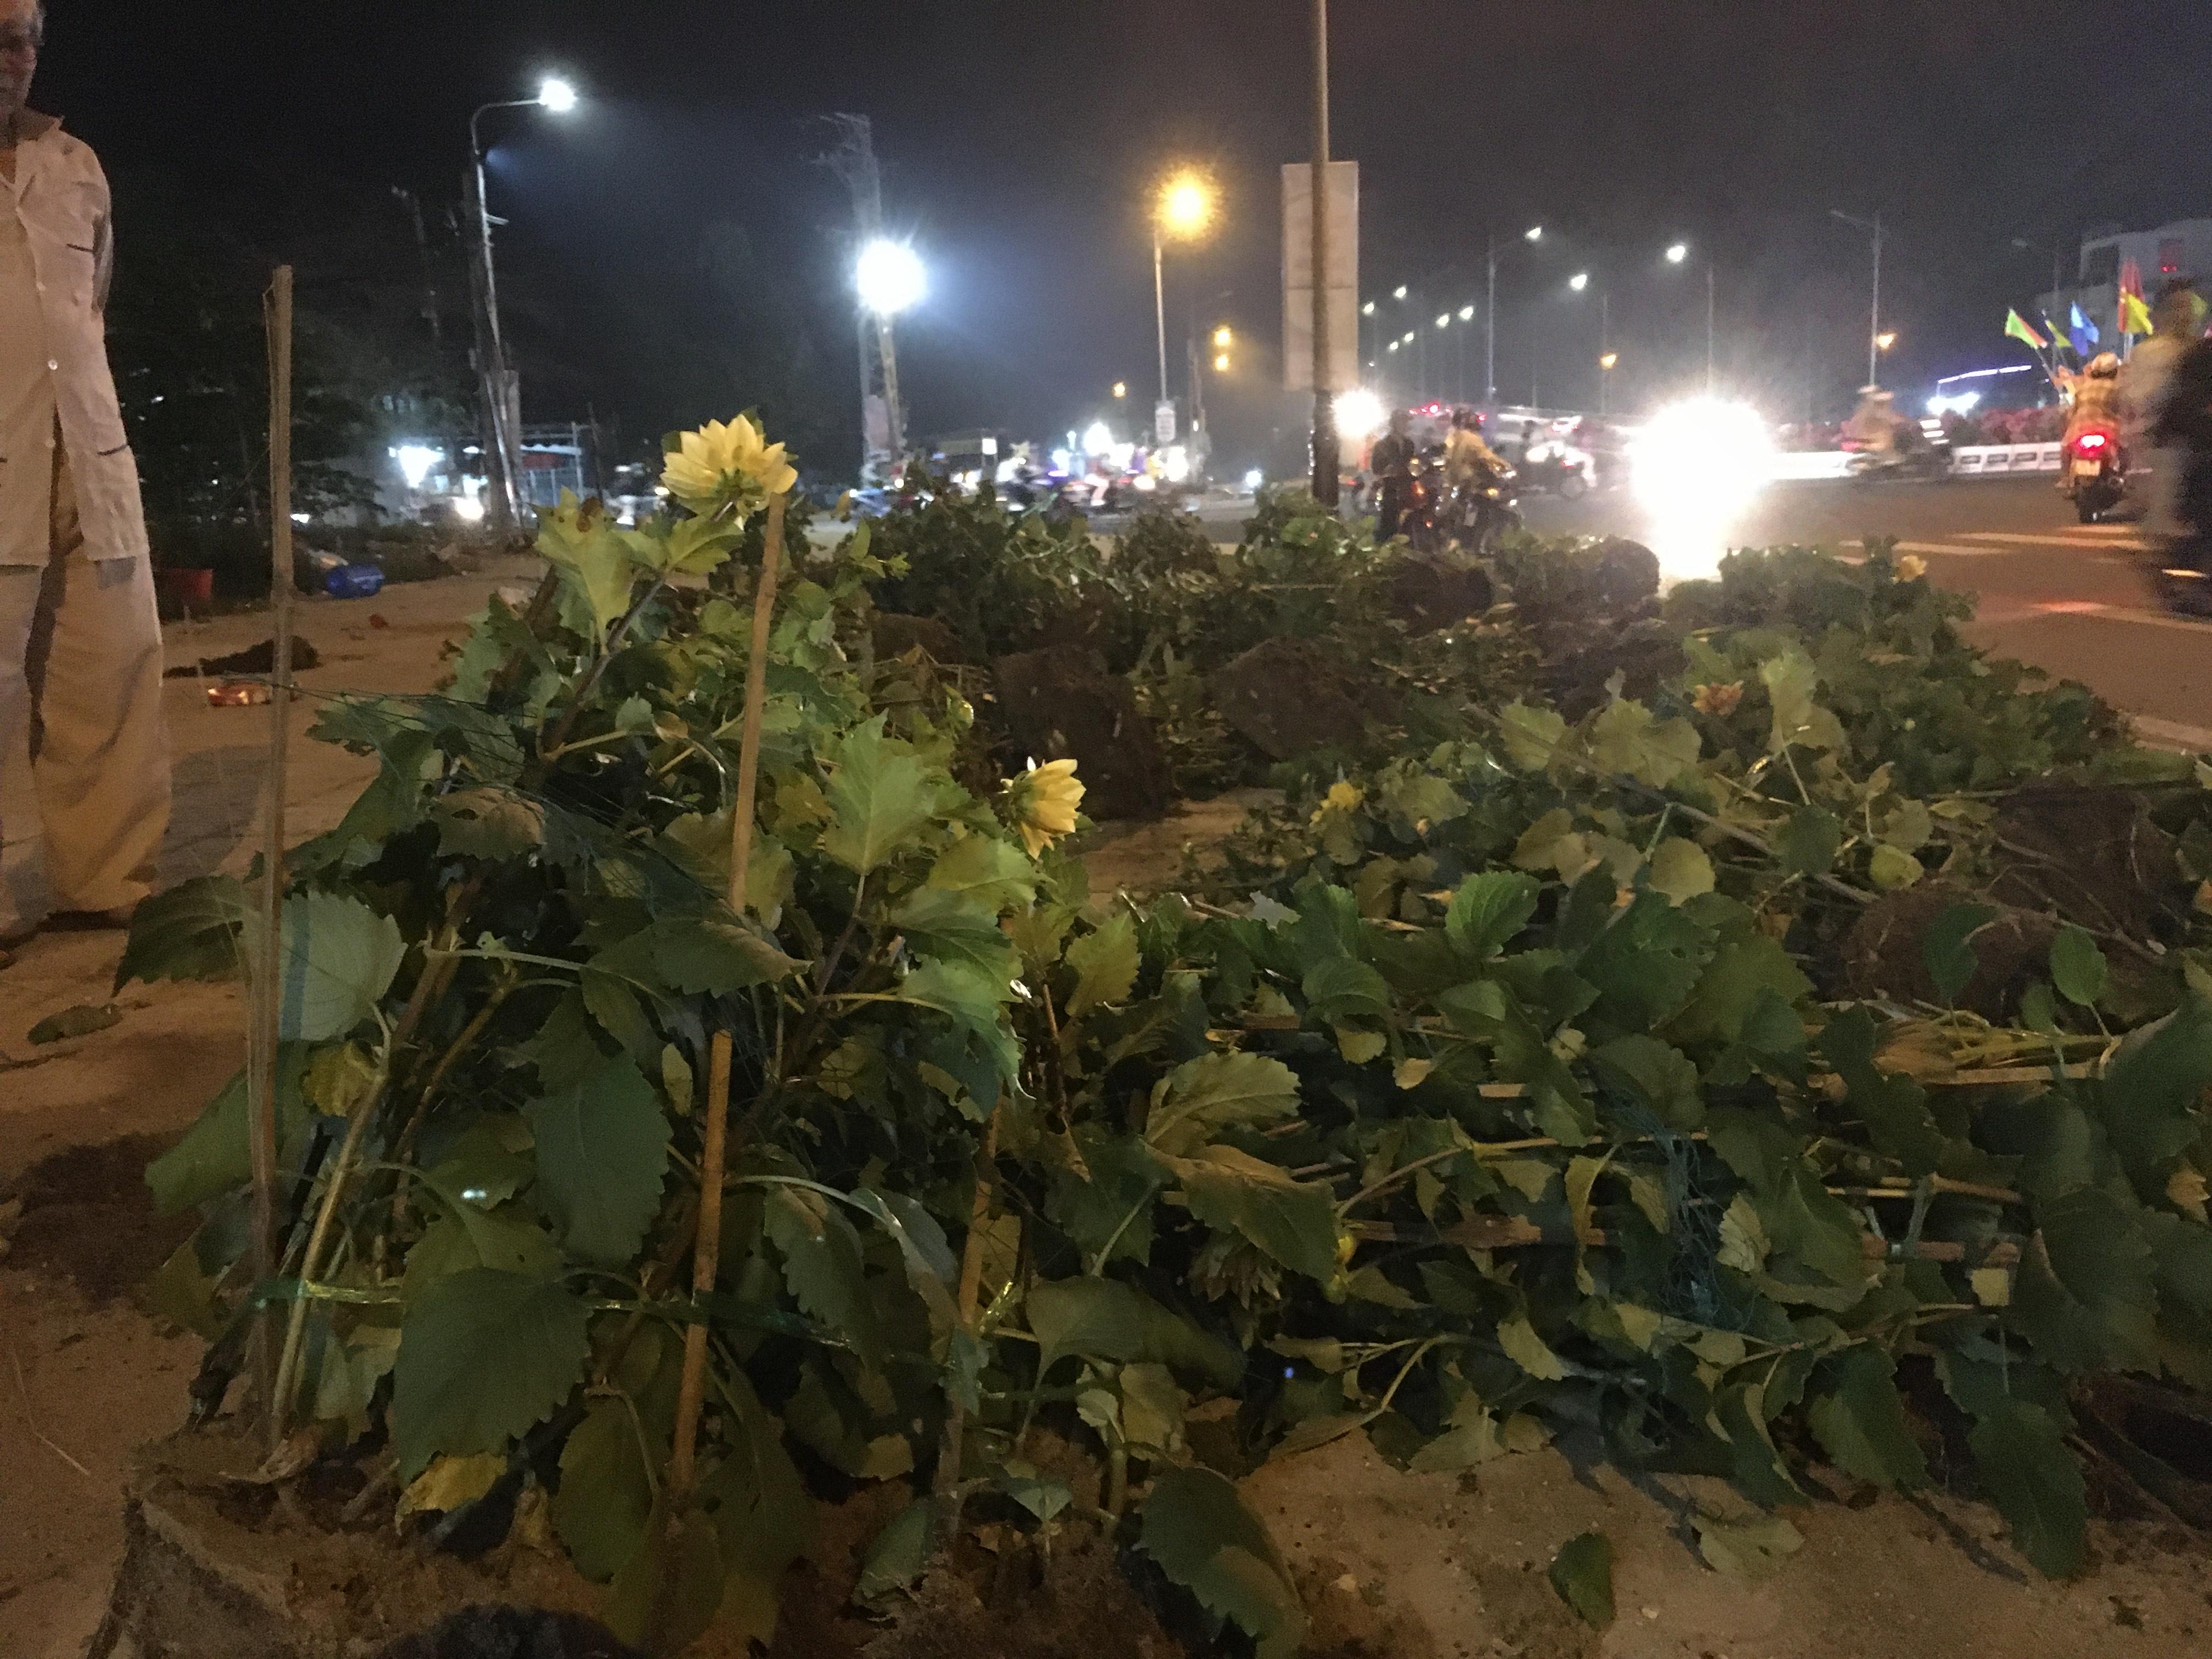 Hoa bị đập bỏ đêm 30 Tết